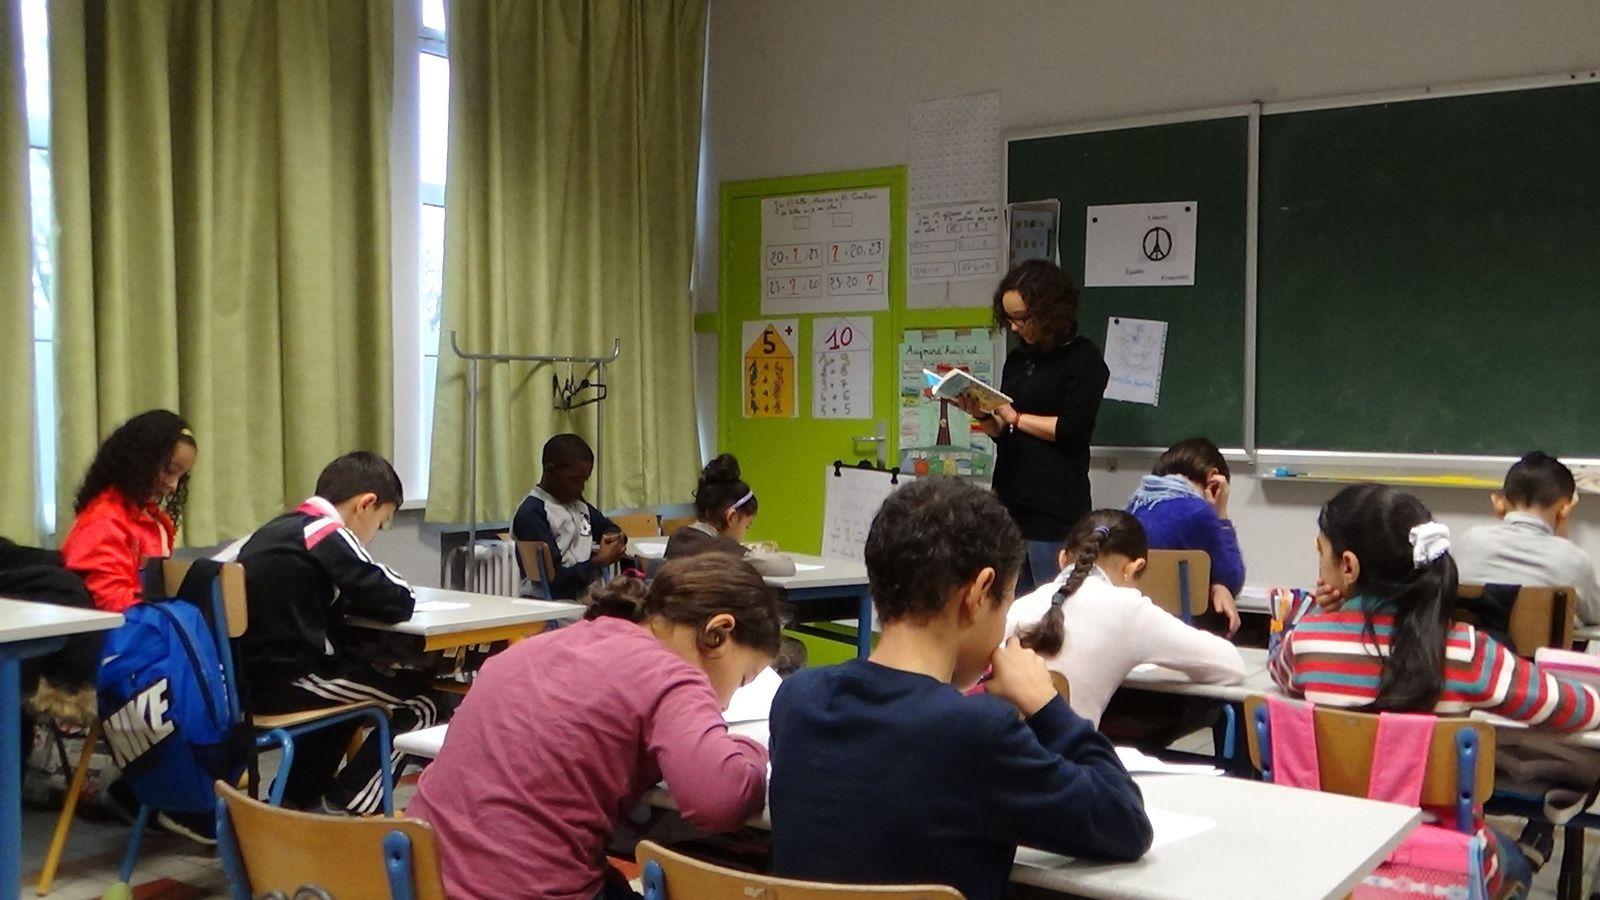 Présentation du projet dans la classe de CE1/CE2  par Madame Selma S'hieh le jeudi 19 Novembre 2015. Très beau souvenir d'un moment merveilleux passé en sa compagnie. Merci de nous avoir transmis sa passion et de nous avoir permis de réaliser ce beau projet.